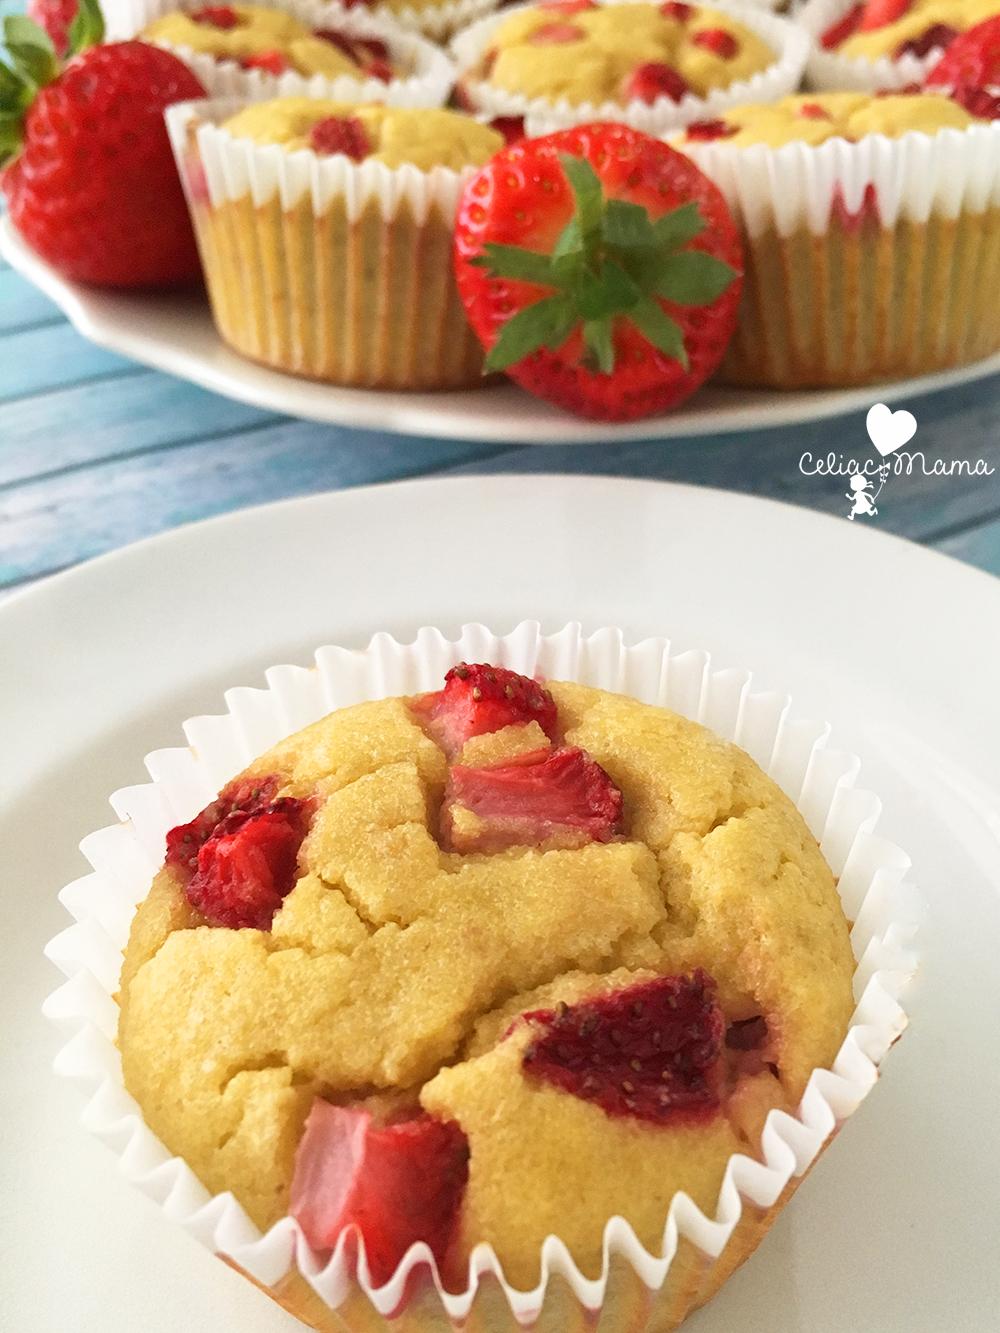 gluten free strawberry banana muffins